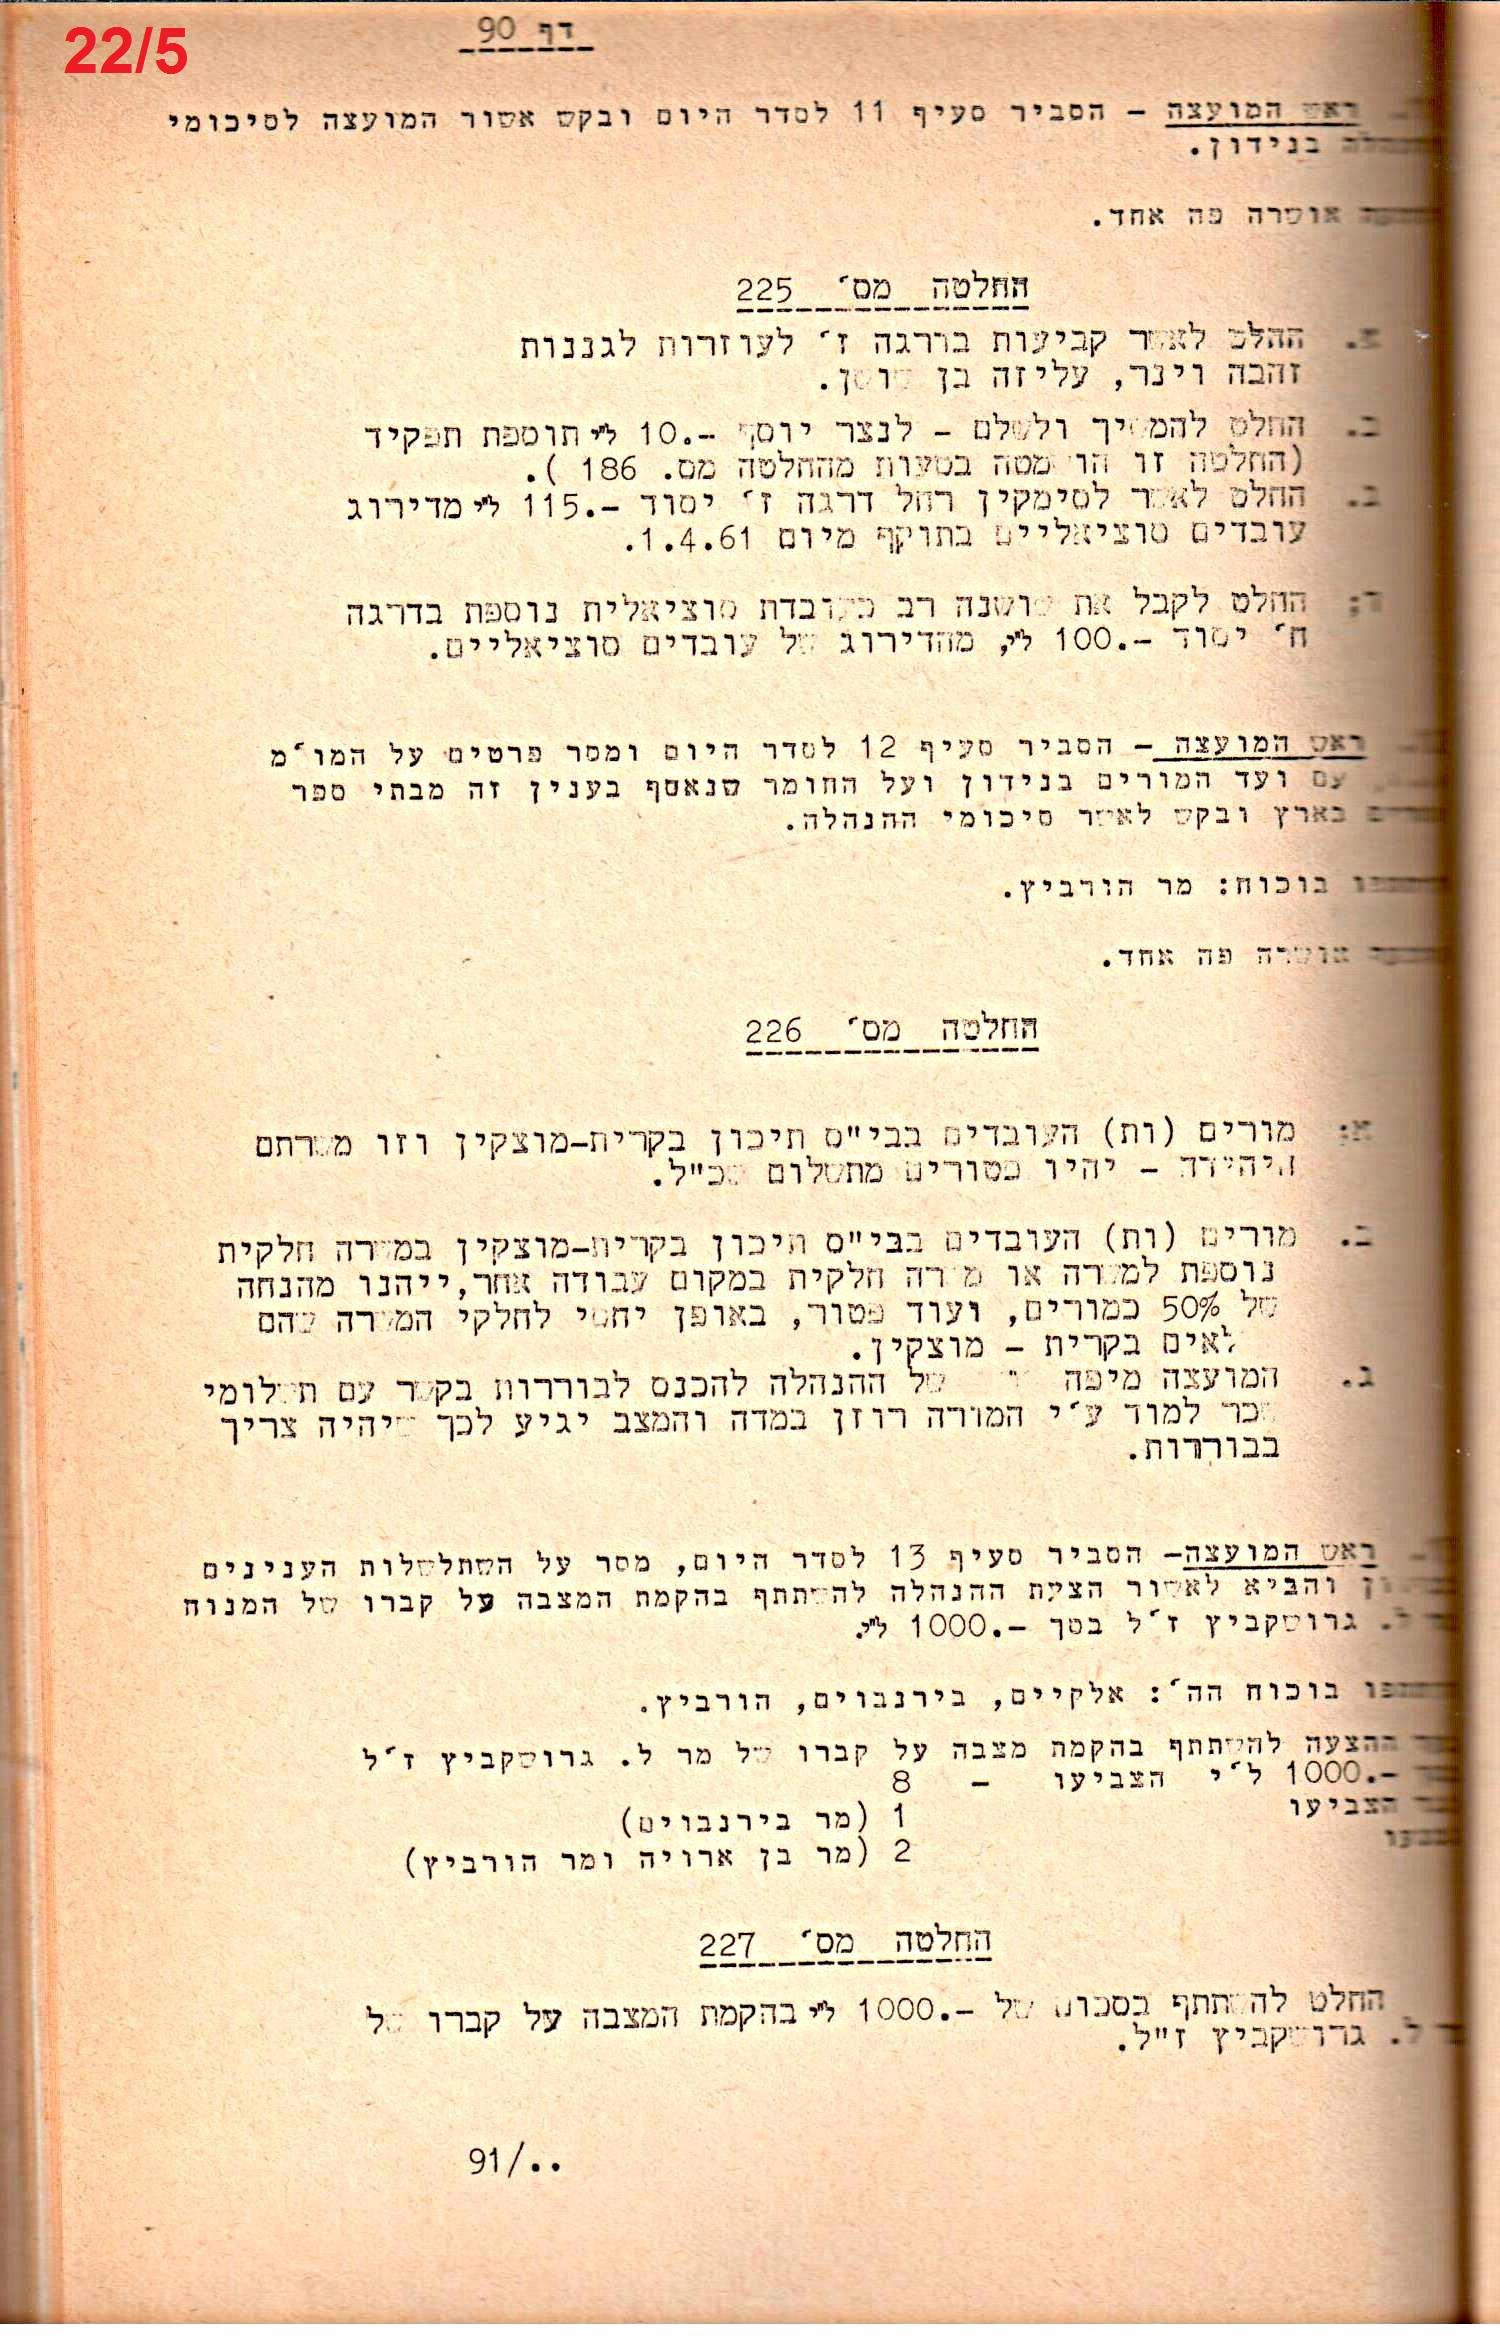 פרוטוקולים 9 – מועצה – 10.12.62 – 7.2.61 by riki deri - Illustrated by מוזיאון בית גרושקביץ / כרך 9 - Ourboox.com